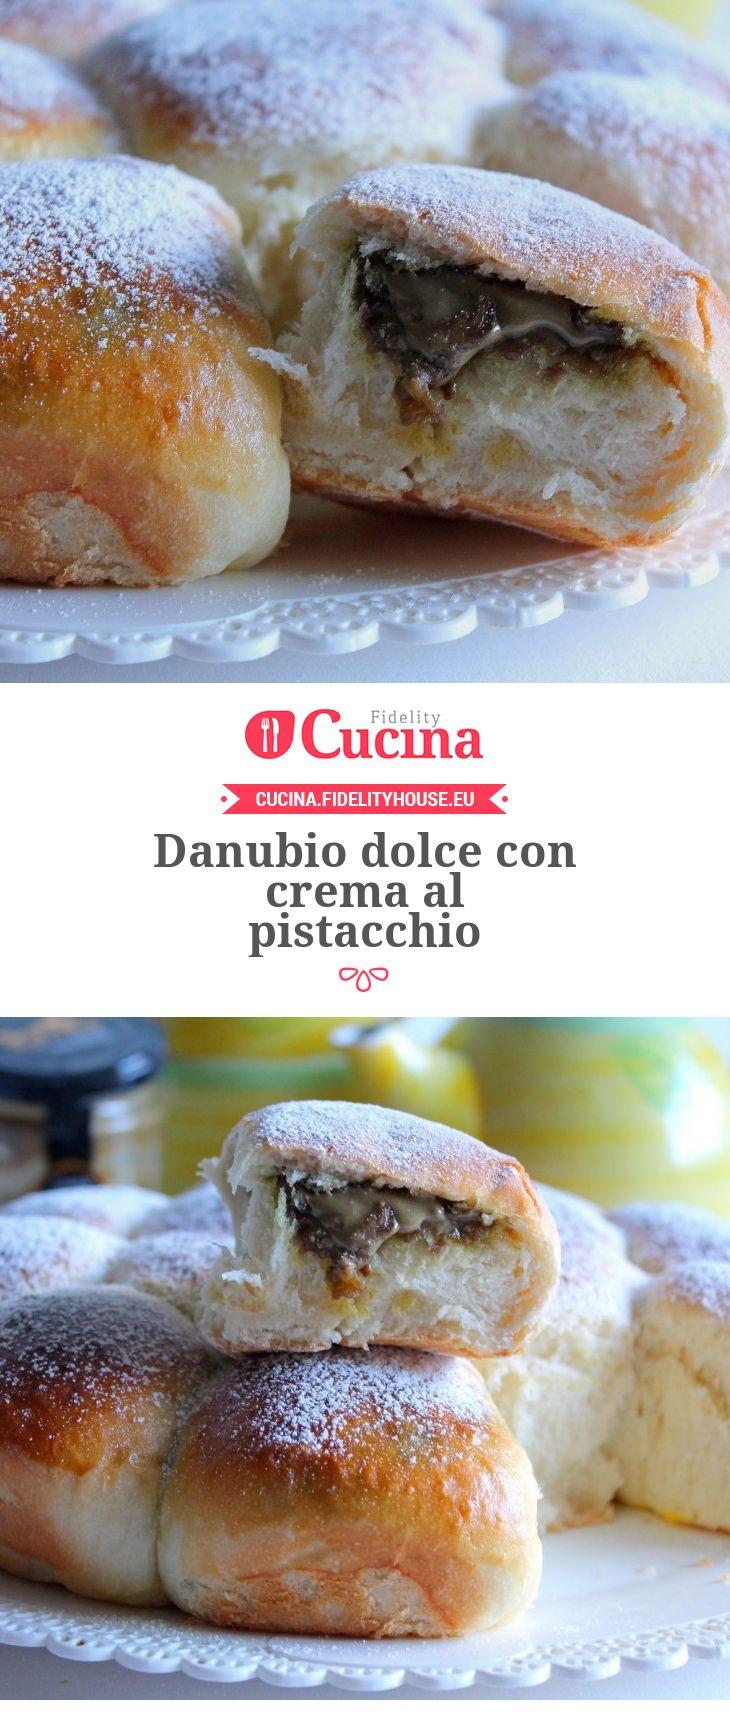 Danubio dolce con crema al pistacchio